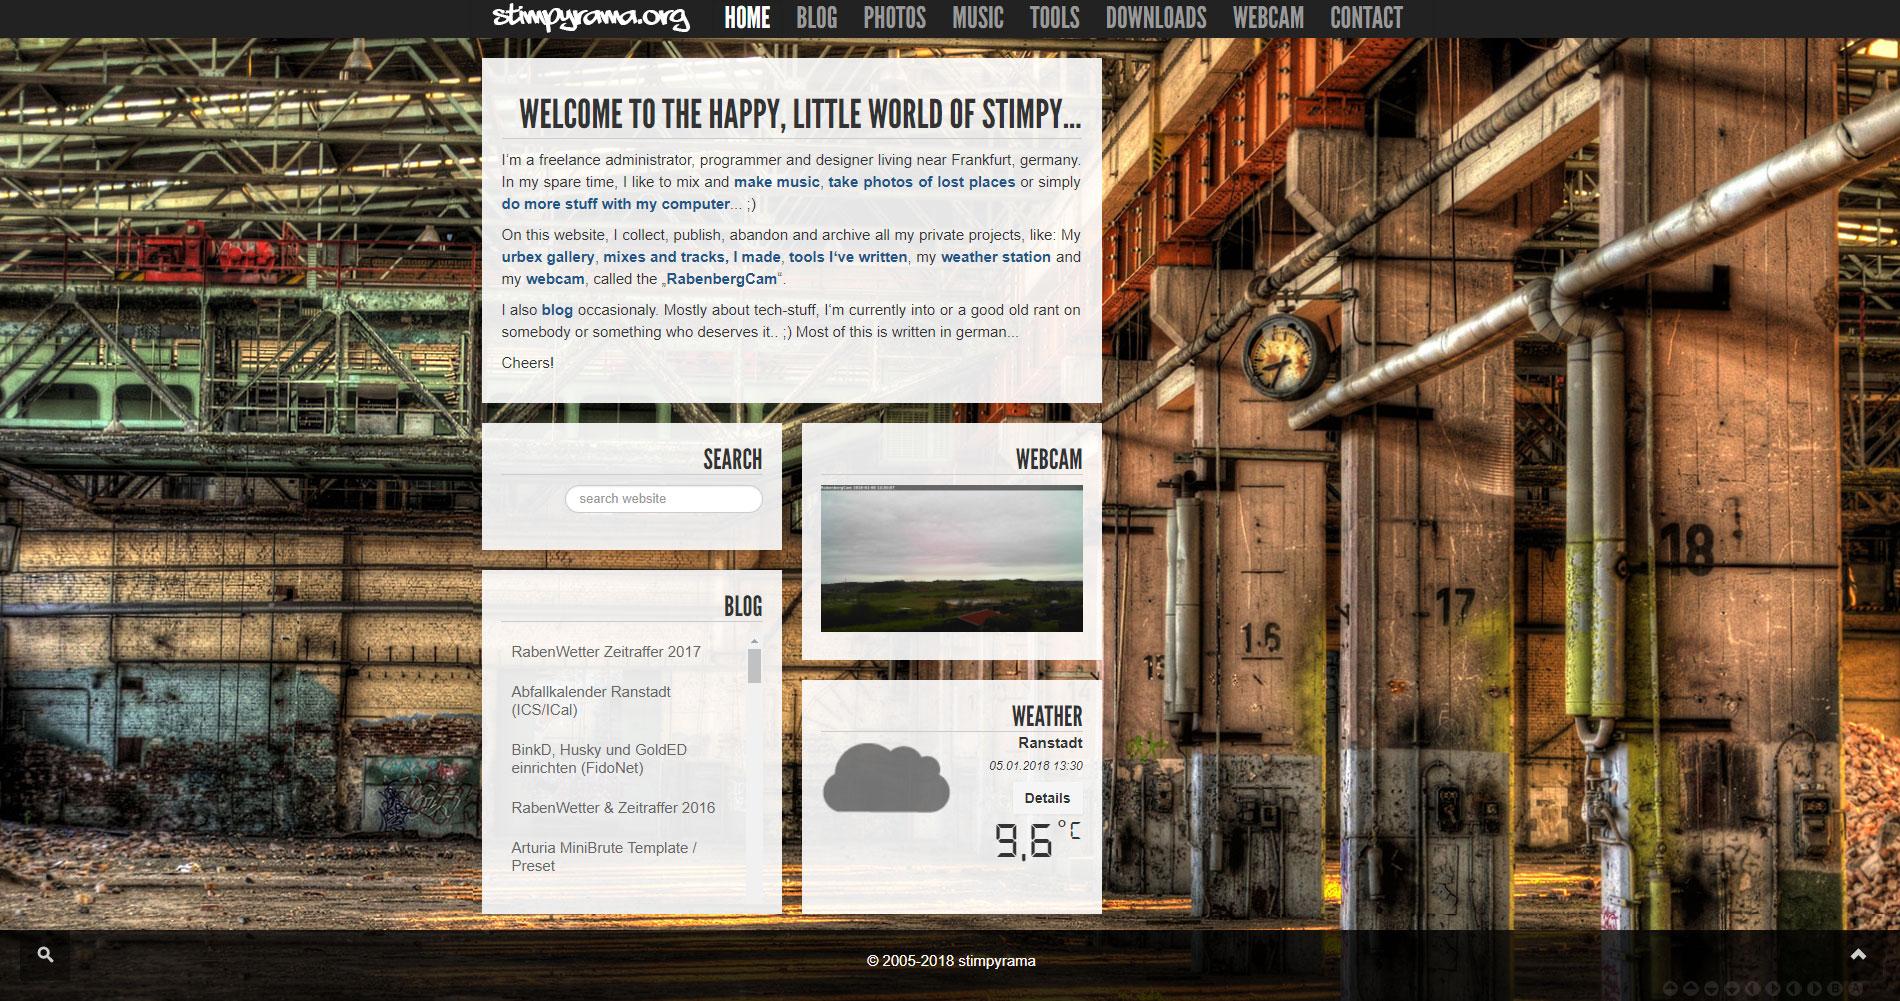 www.stimpyrama.org